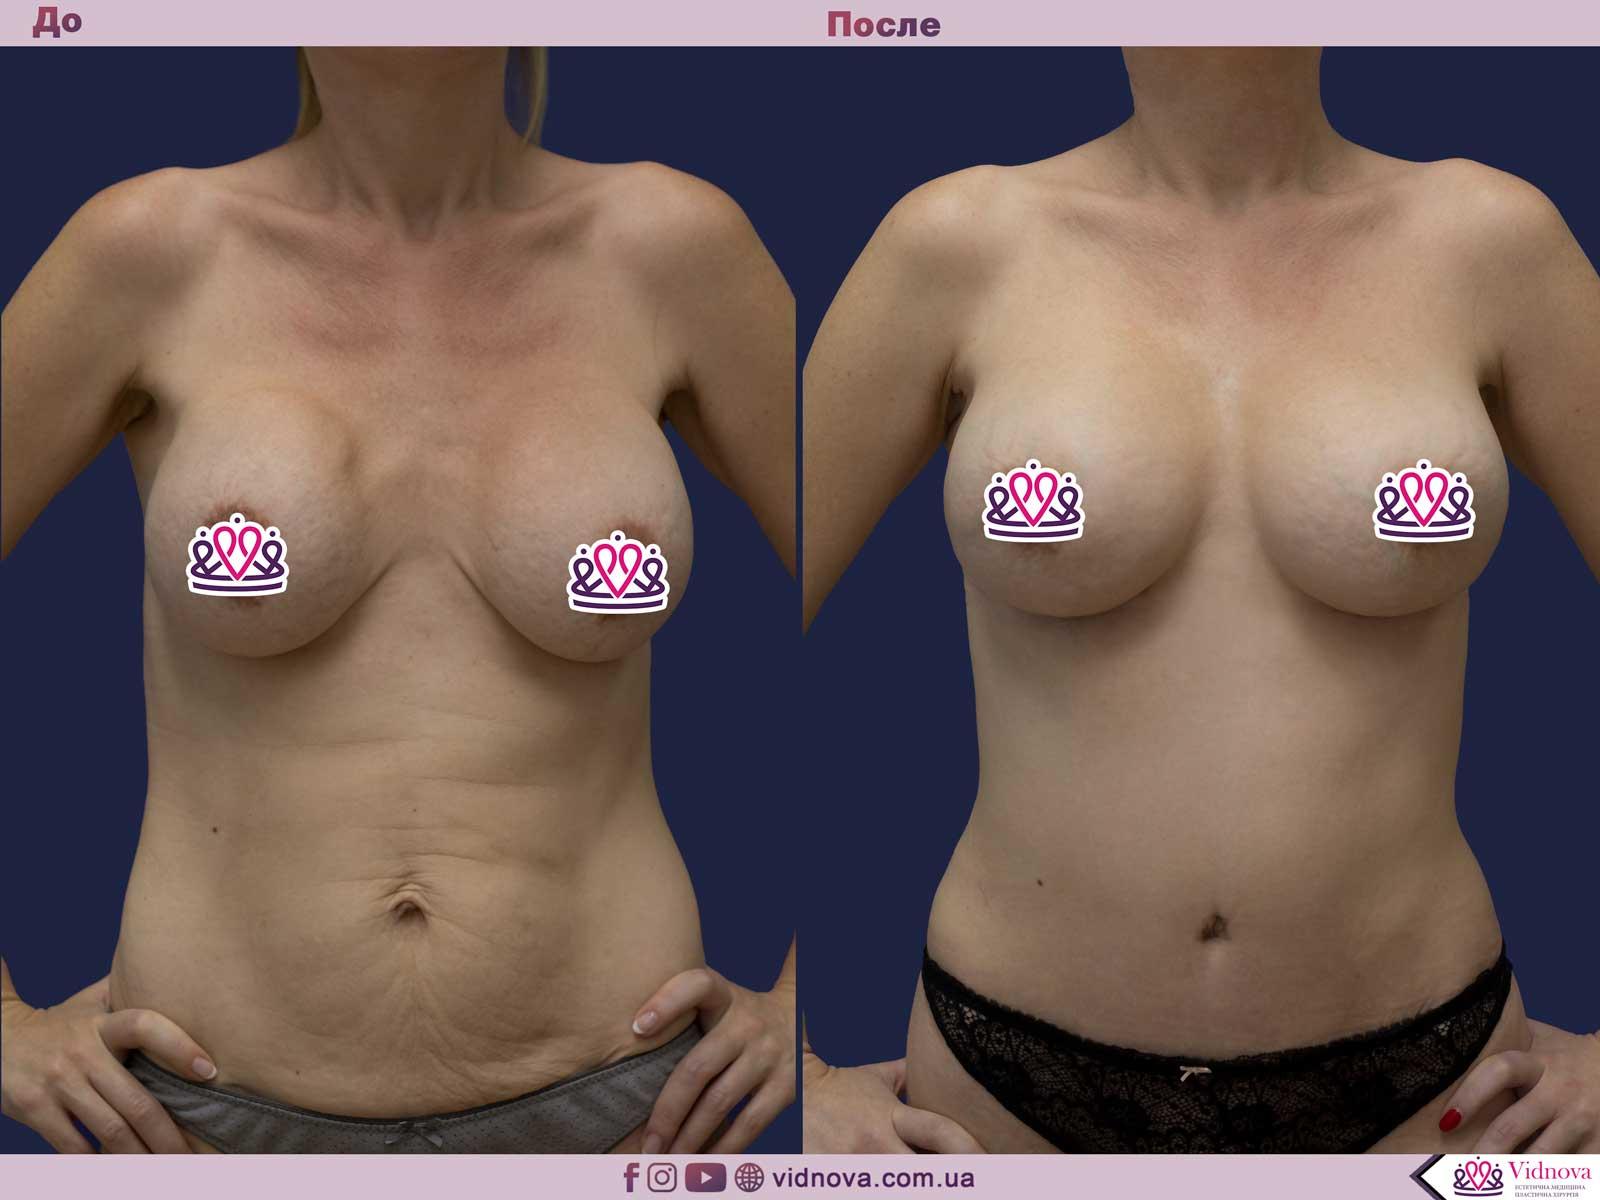 Совмещенные операции: Фото До и После - Пример №9-1 - Клиника Vidnova